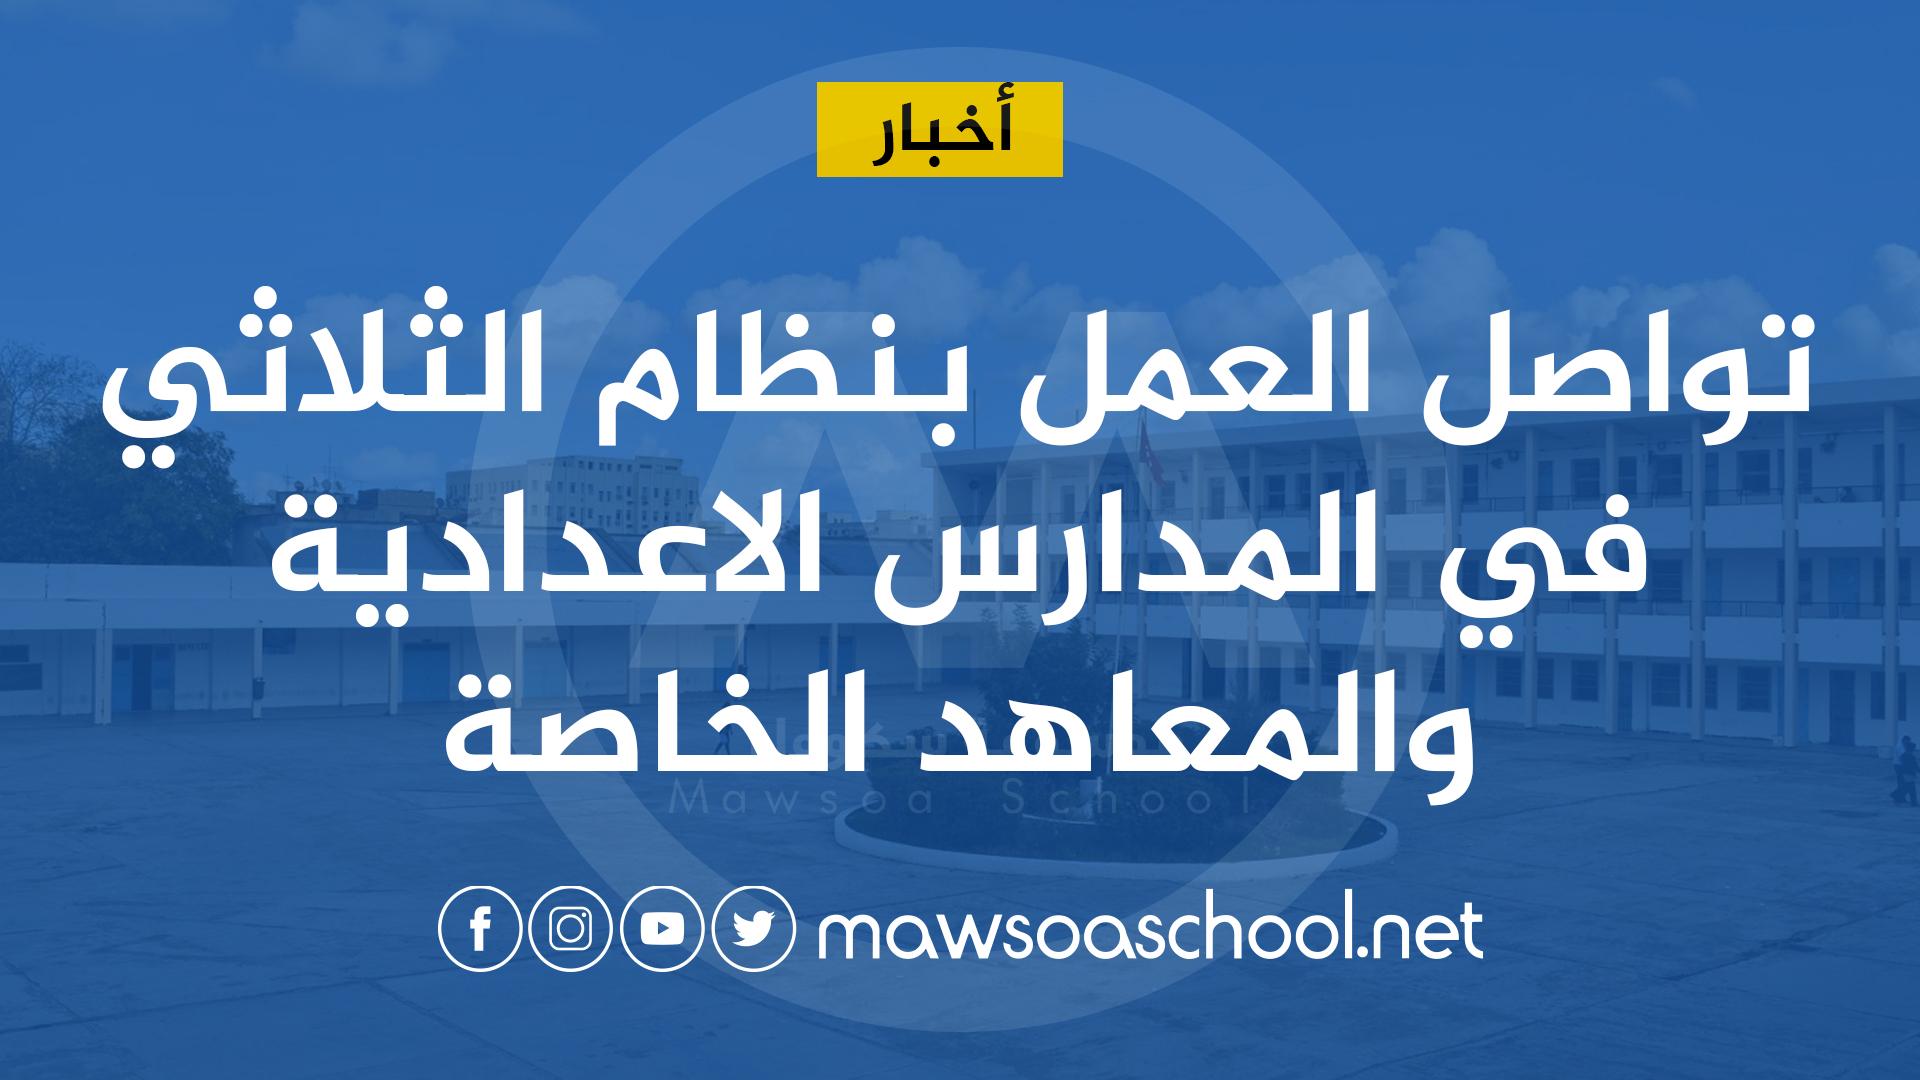 تواصل العمل بنظام الثلاثي في المدارس الاعدادية والمعاهد الخاصة